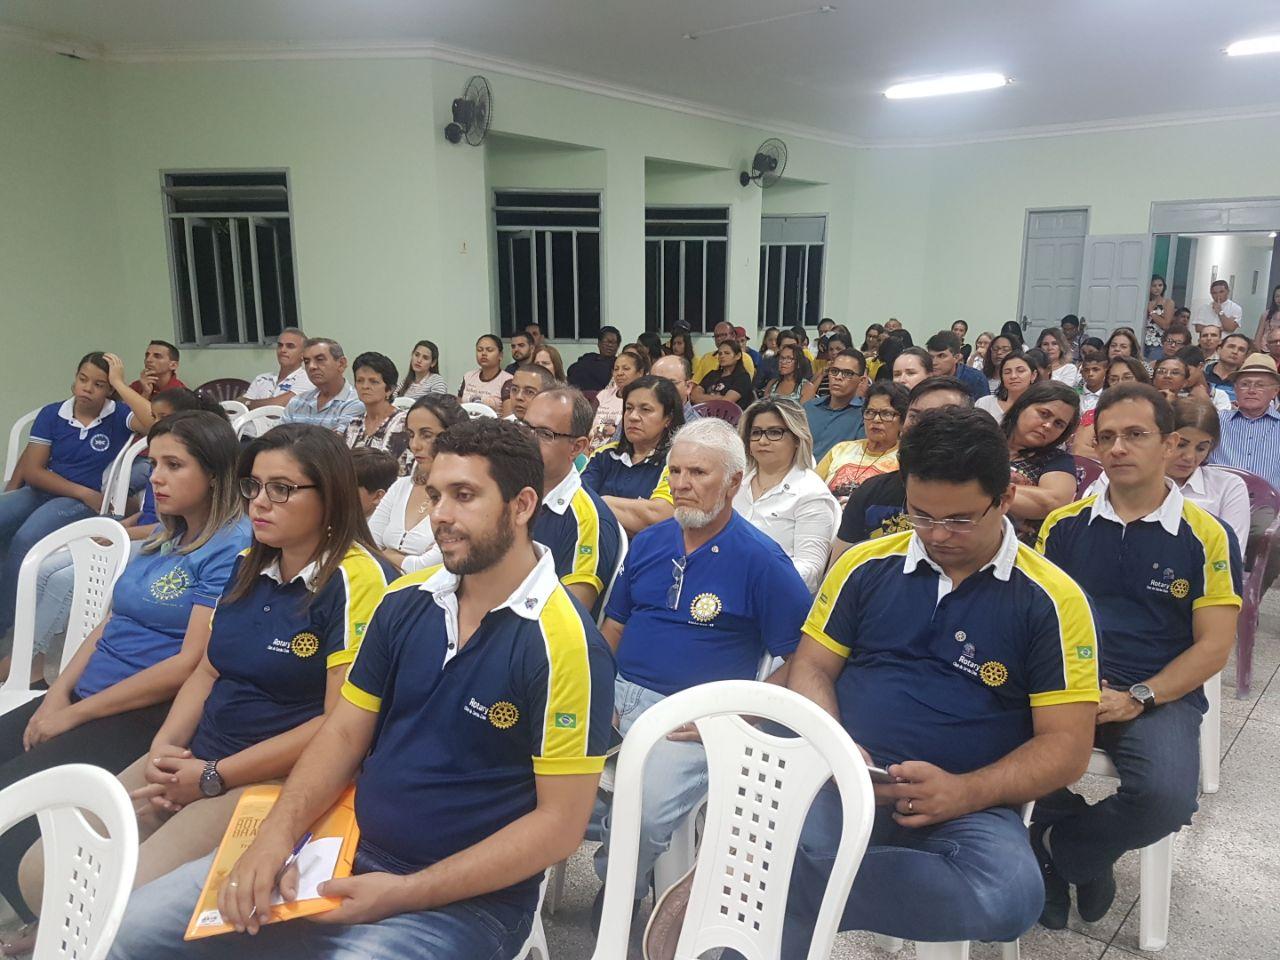 ROTARY CLUB DE SIMÃO DIAS PARTICIPA DE IMPORTANTE ATO DE REFLEXÃO PROMOVIDO PELA PARÓQUIA